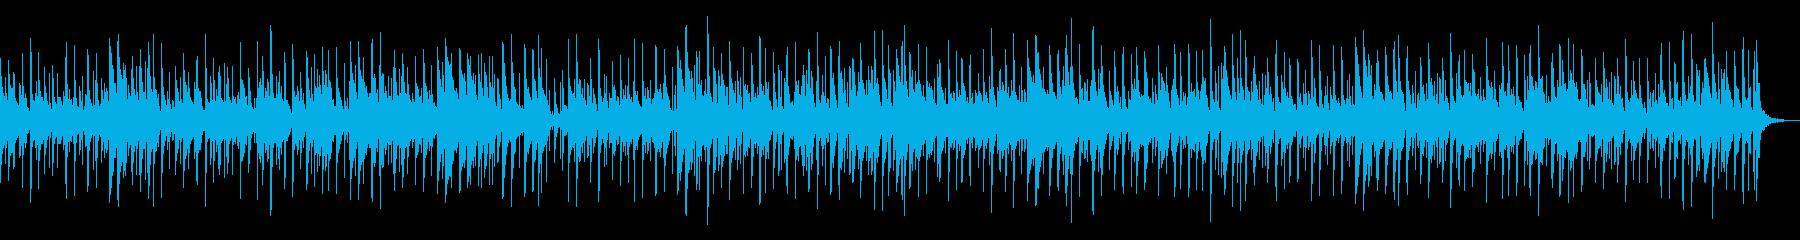 楽しい感じのピアノトリオのボサノヴァの再生済みの波形